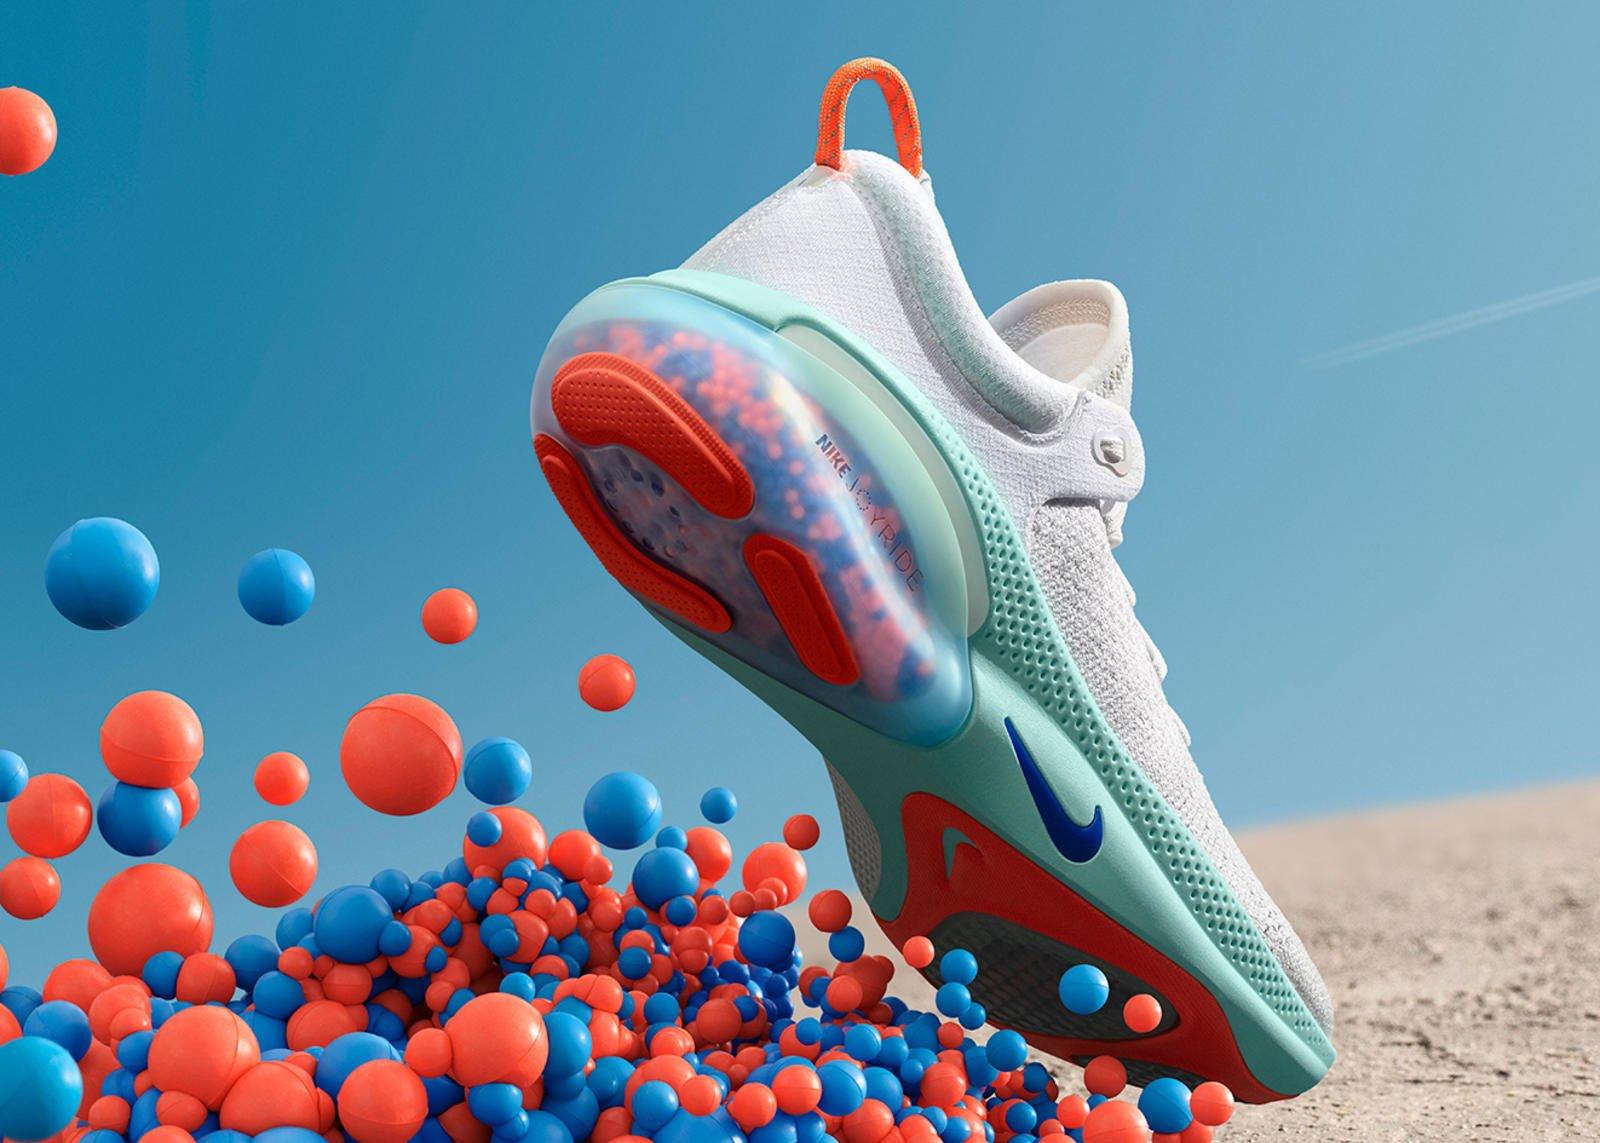 Nike Joyride Boncuk Parçacıklarla Koşuda Sert Zeminden Kurtarıyor